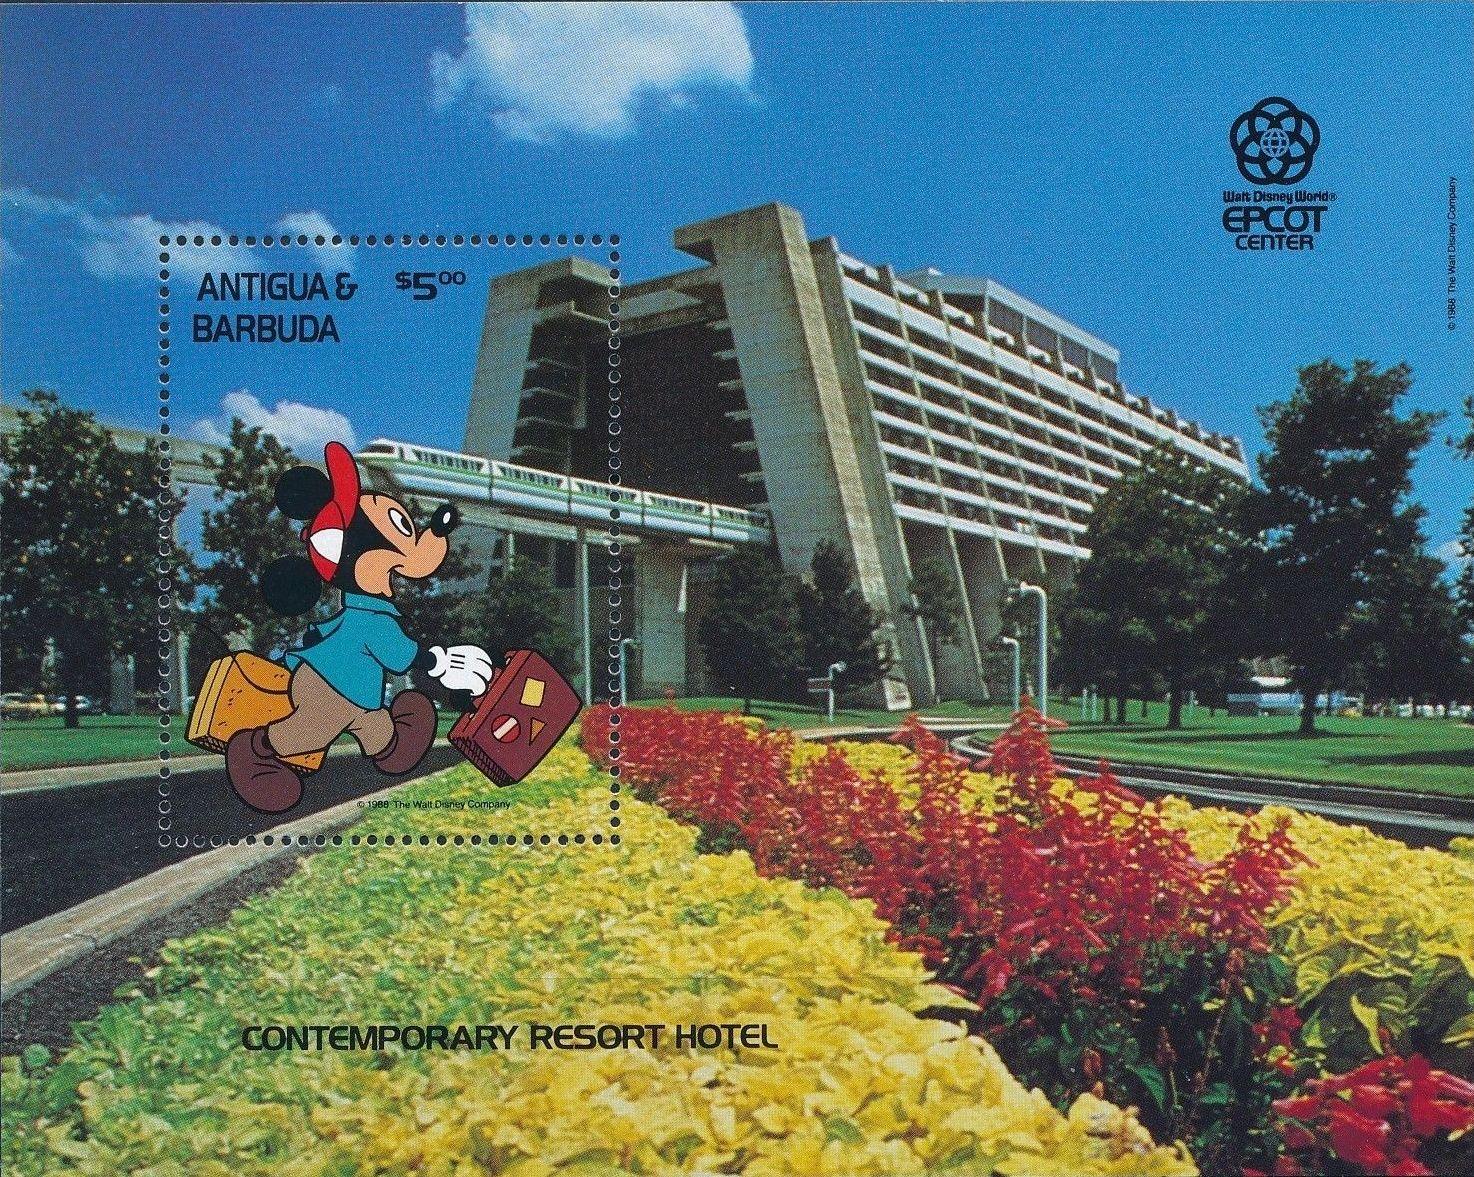 Antigua and Barbuda 1988 Disney - EPCOT Centre - Orlando Florida h.jpg